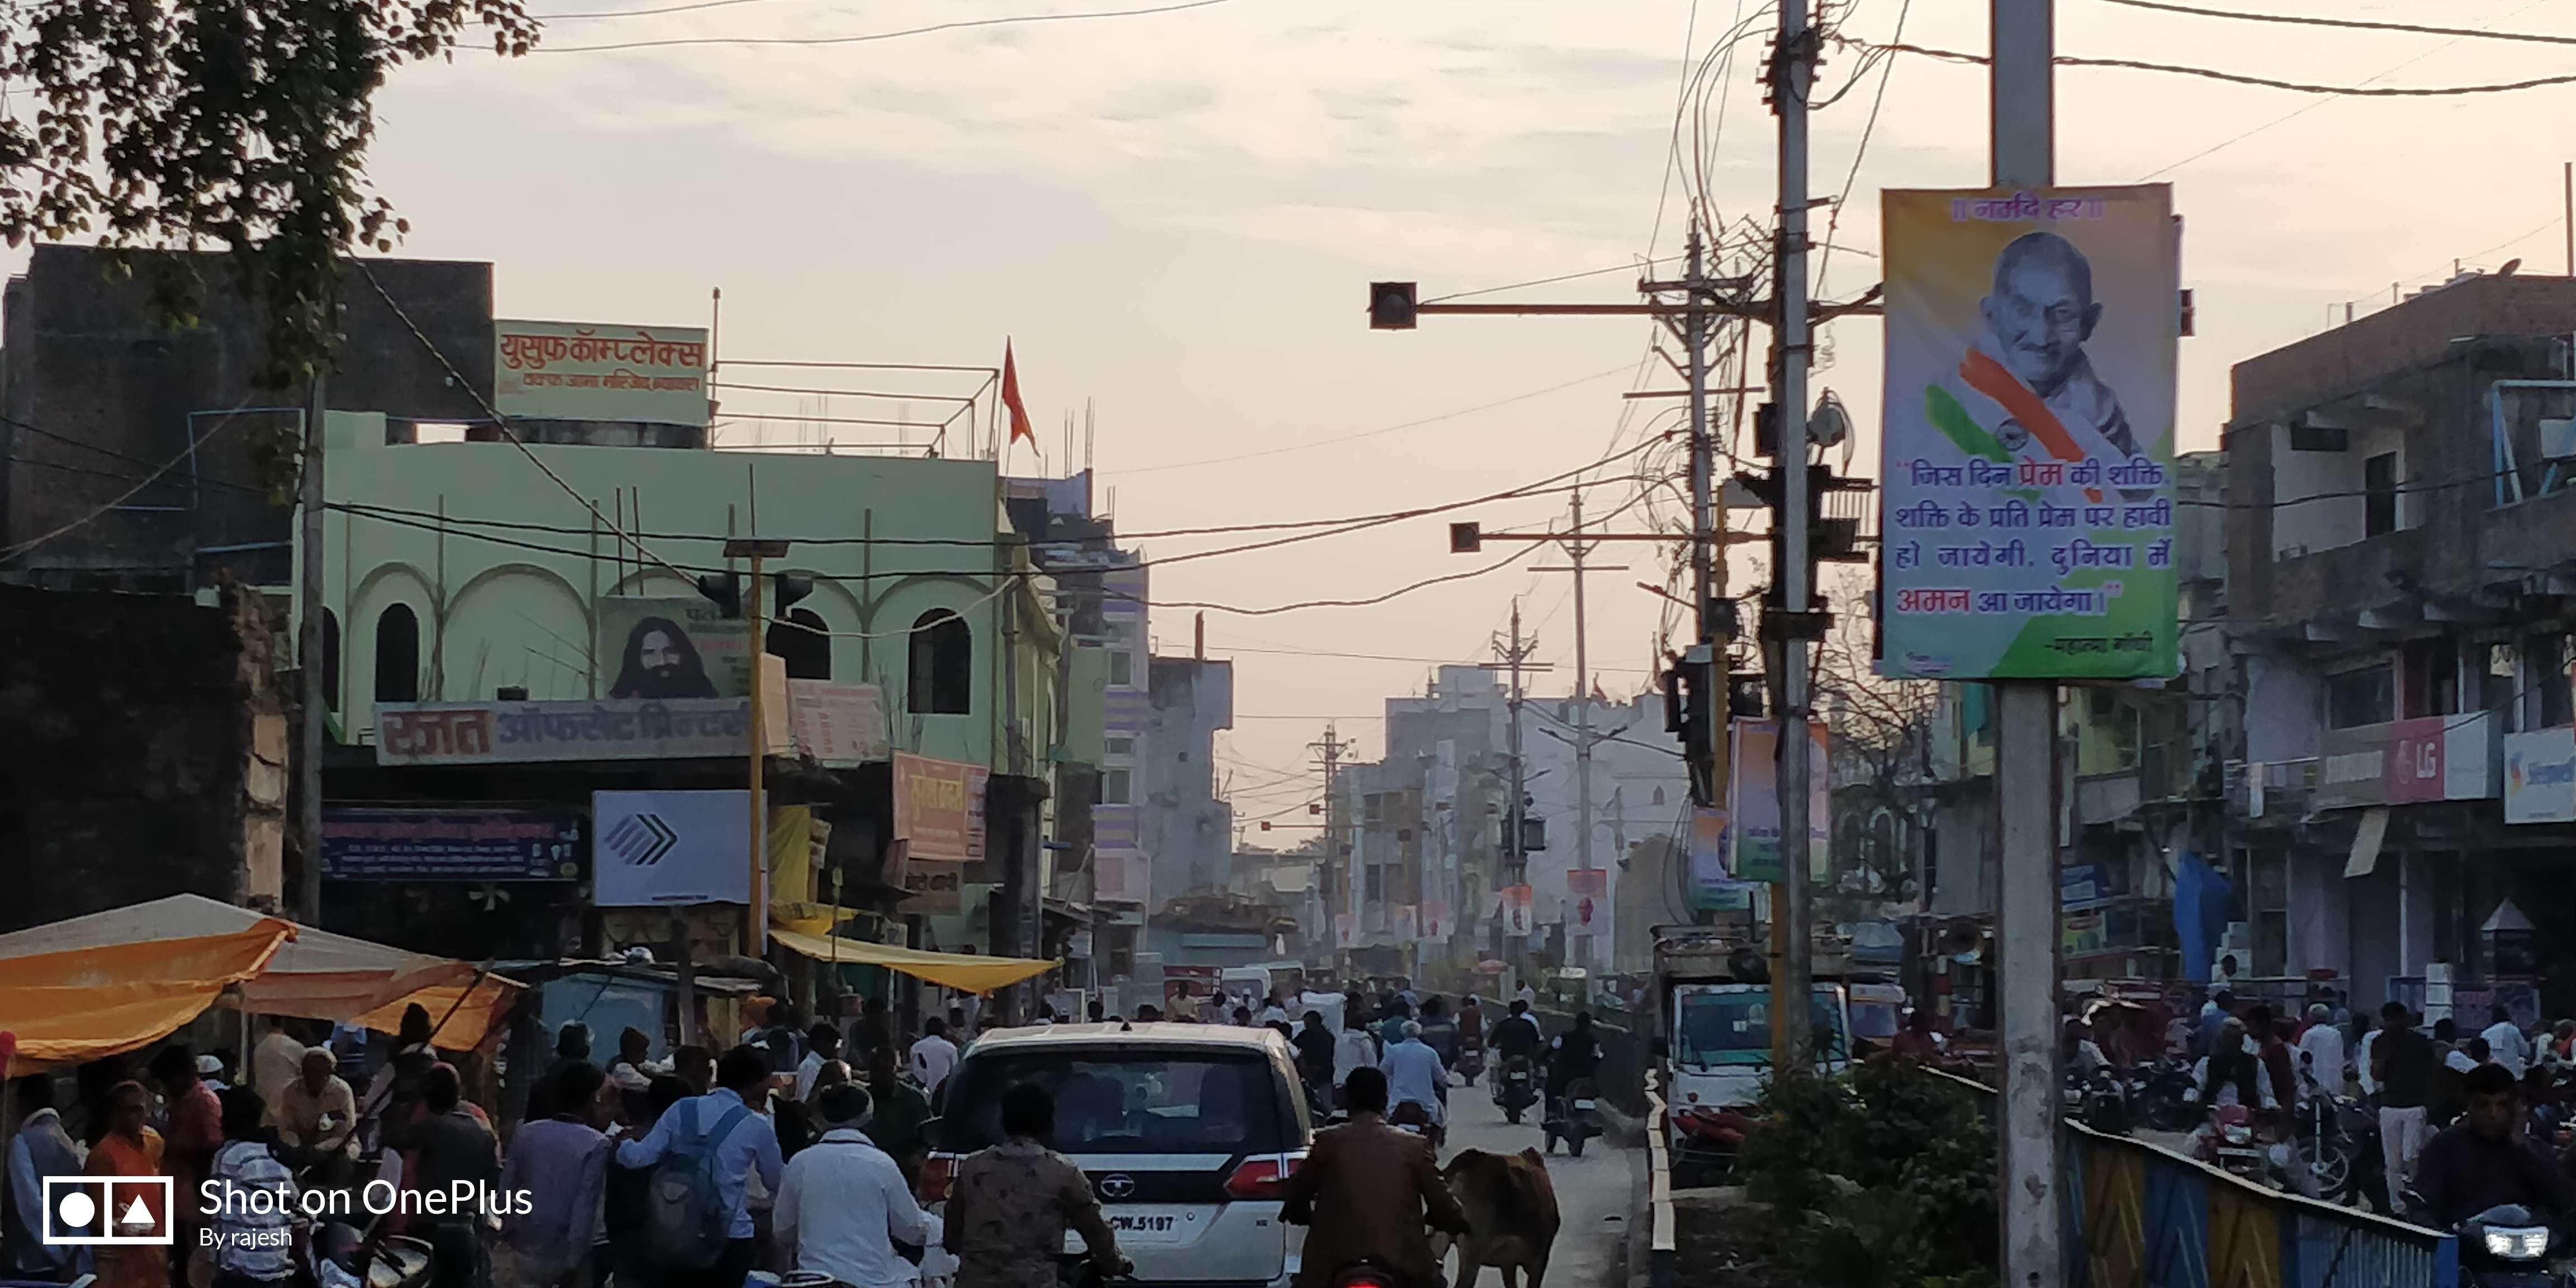 भोपाल सांसद प्रज्ञा सिंह पहुंची थाने, ब्यावरा विधायक गोवर्धन दांगी के खिलाफ कराई शिकायत दर्ज